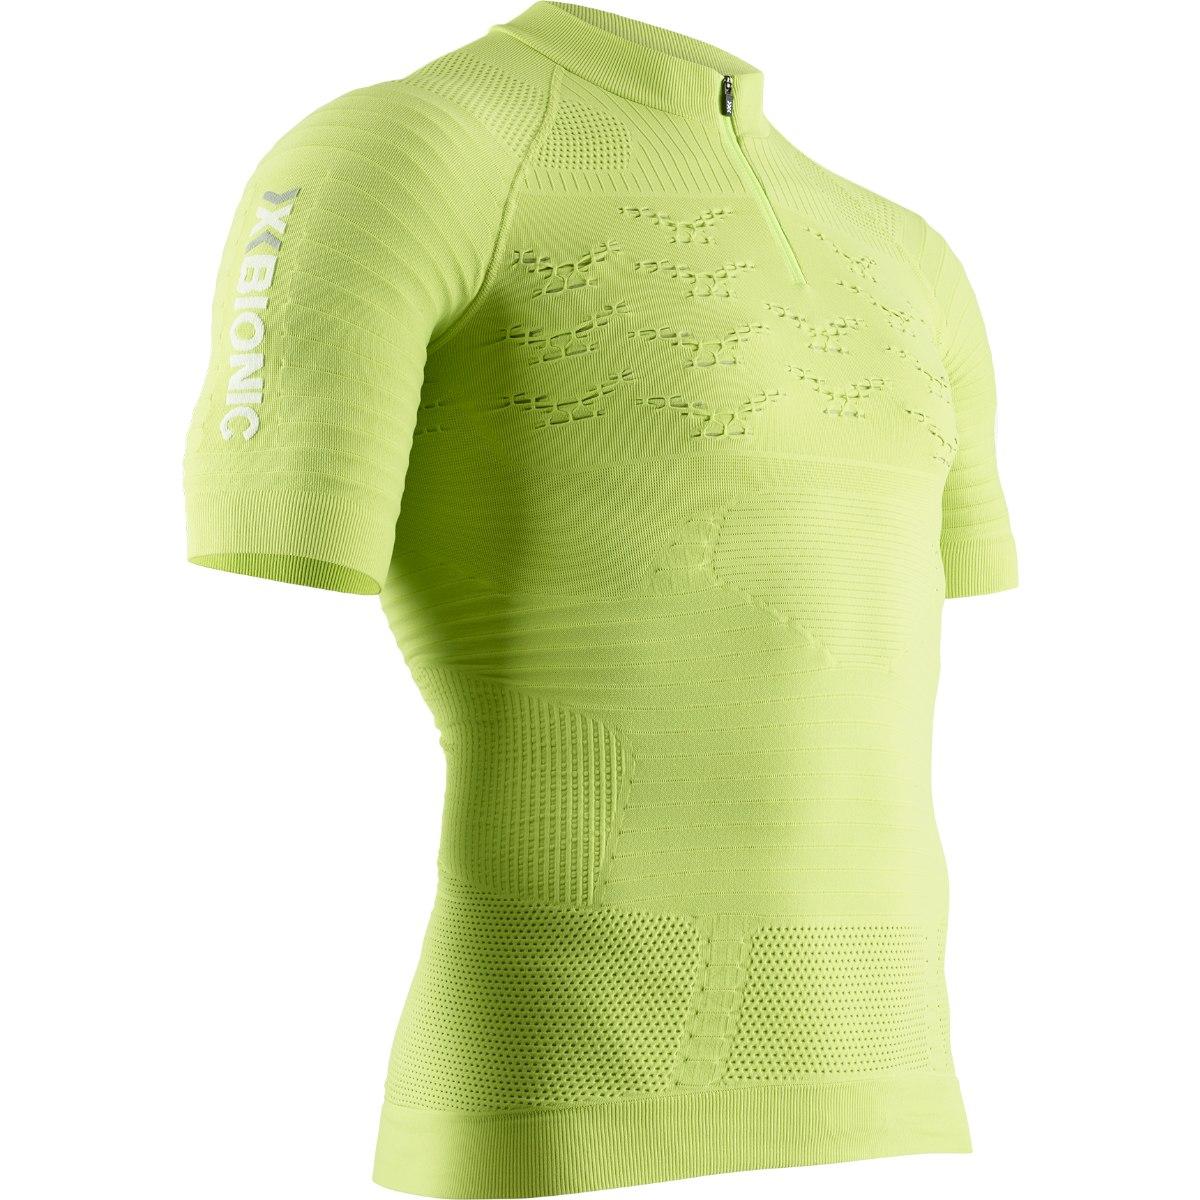 X-Bionic Effektor 4.0 Trail Run Powershirt 1/2 Zip Kurzarmshirt für Herren - effektor green/arctic white